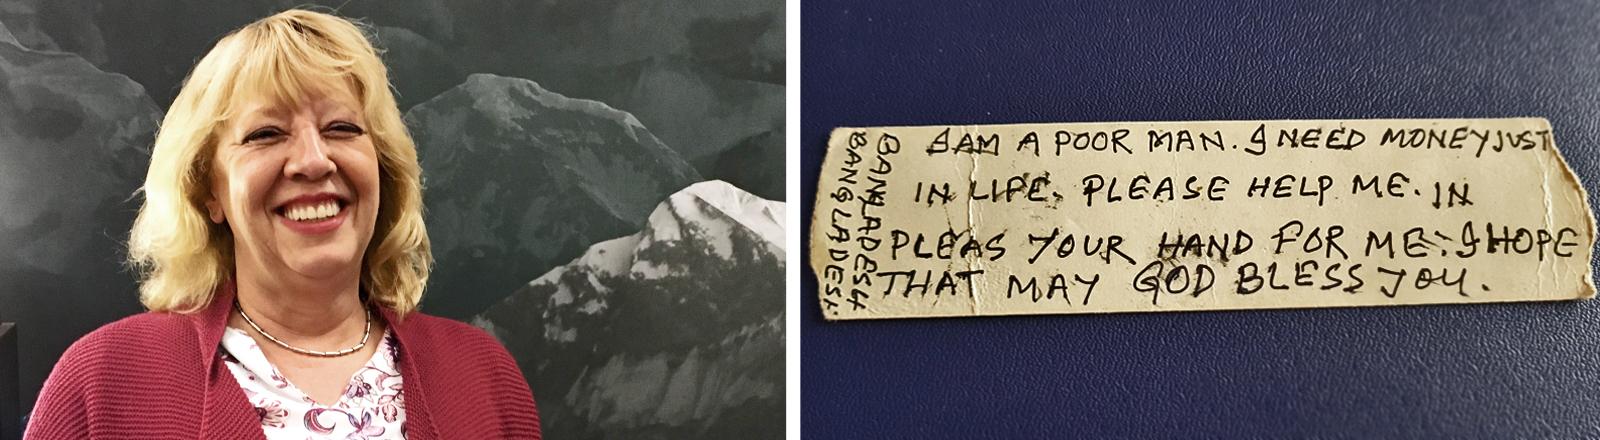 Portrait von Claudia Kütsch und ein handgeschriebener Zettel, der in einem Herrenhemd versteckt war, mit der Botschaft, dem Absender bitte zu helfen